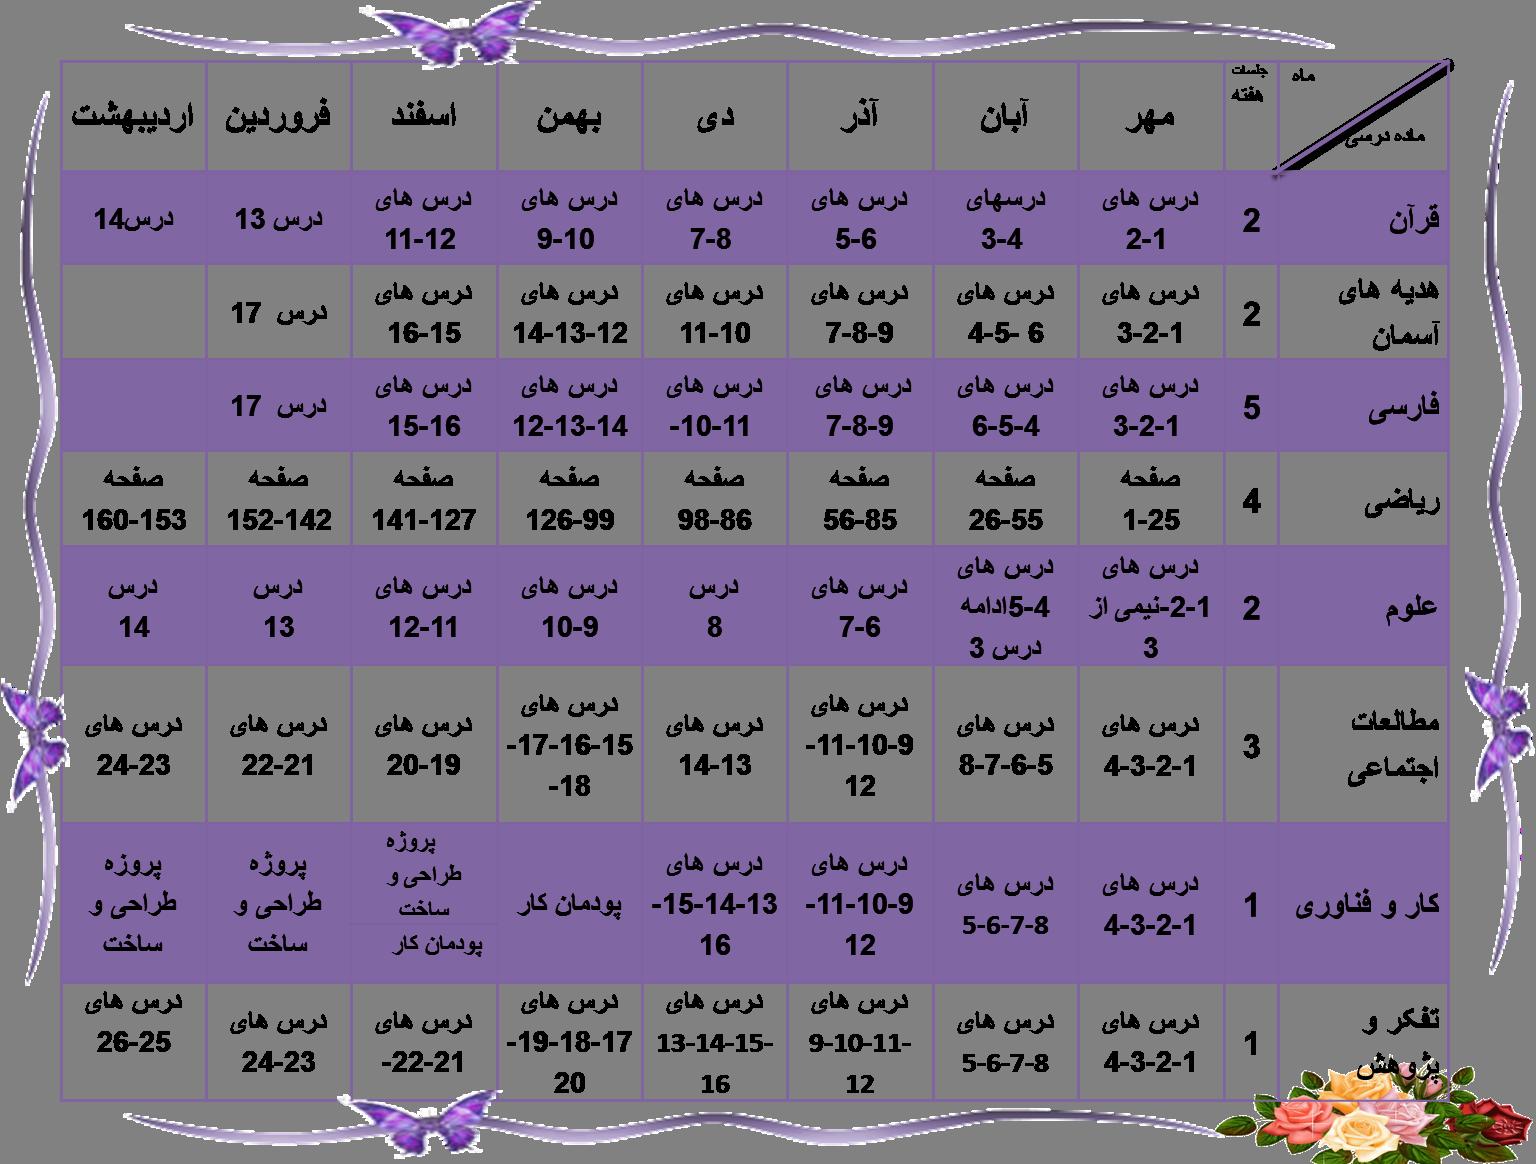 نتایج المپیاد علوم هشتم سال 95 خبرگزاری دانشگاه آزاد اسلامی - آنا